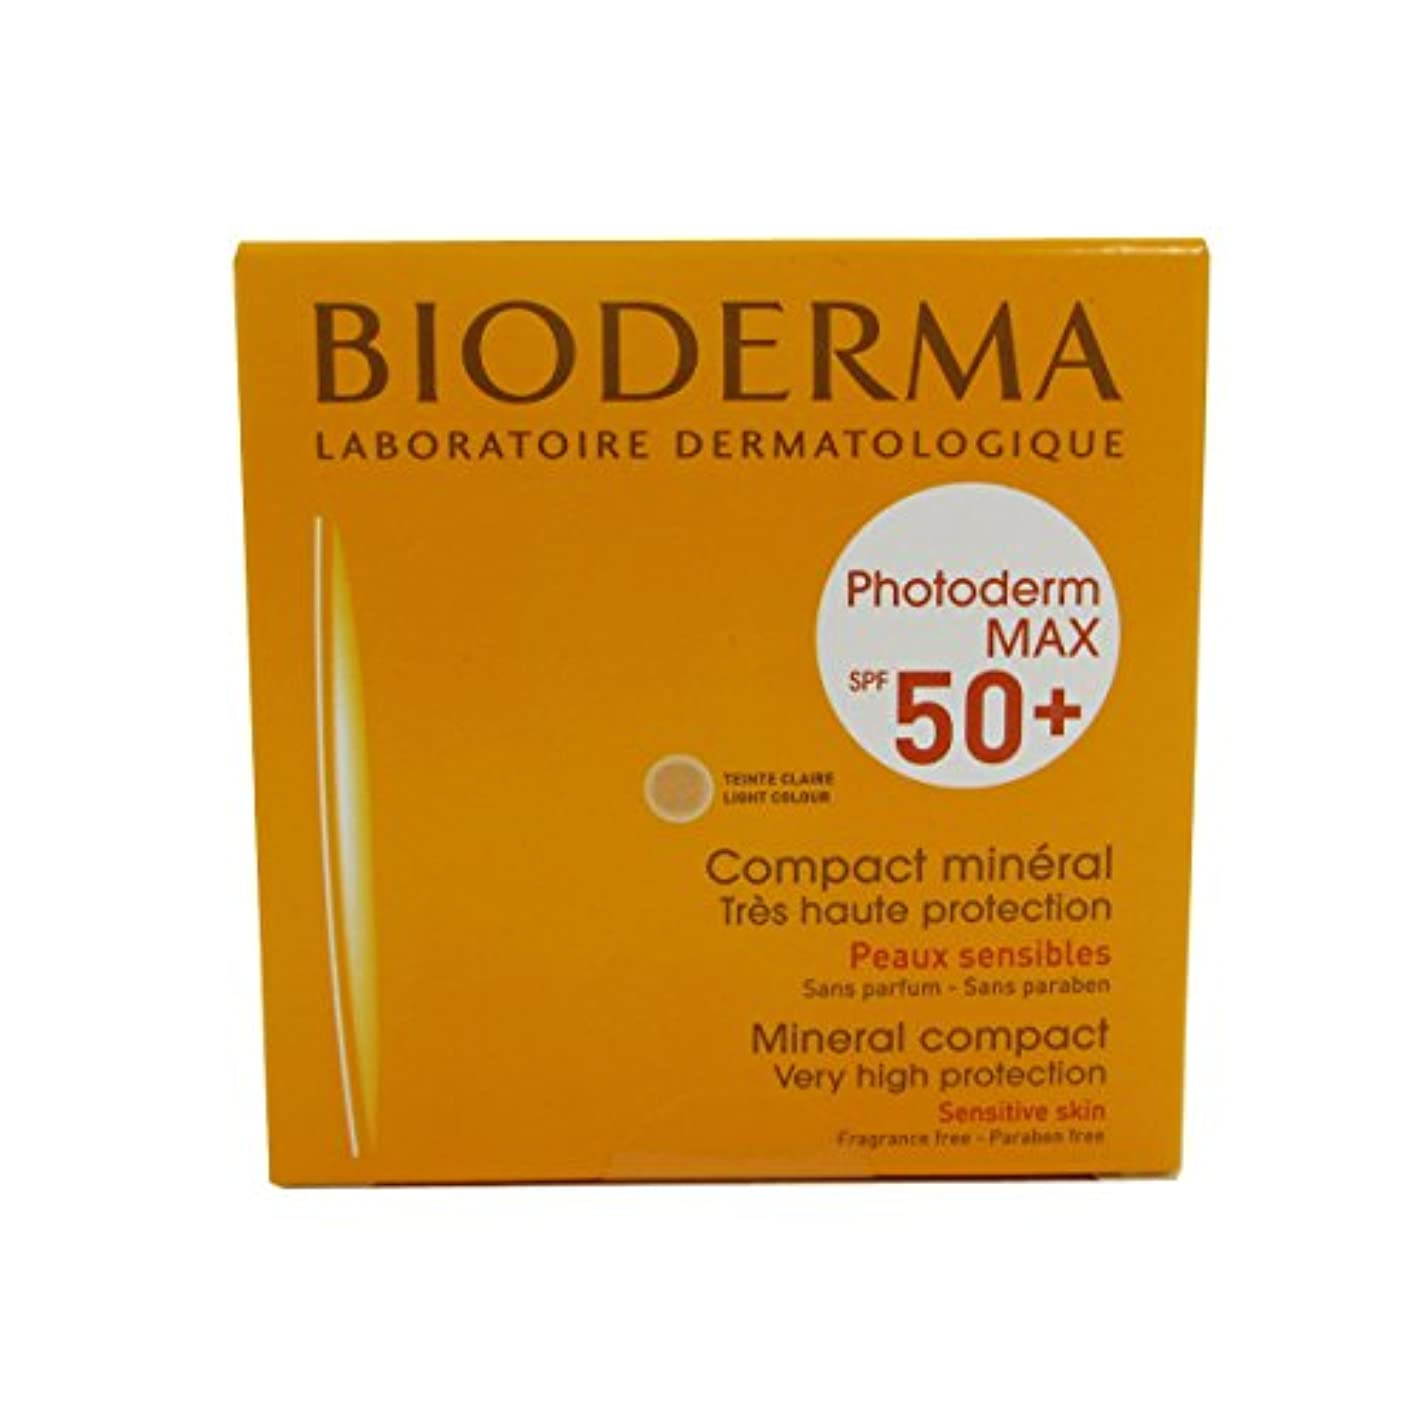 狂った触覚ビジュアルBioderma Photoderm Max Compact Mineral 50+ Light 10g [並行輸入品]